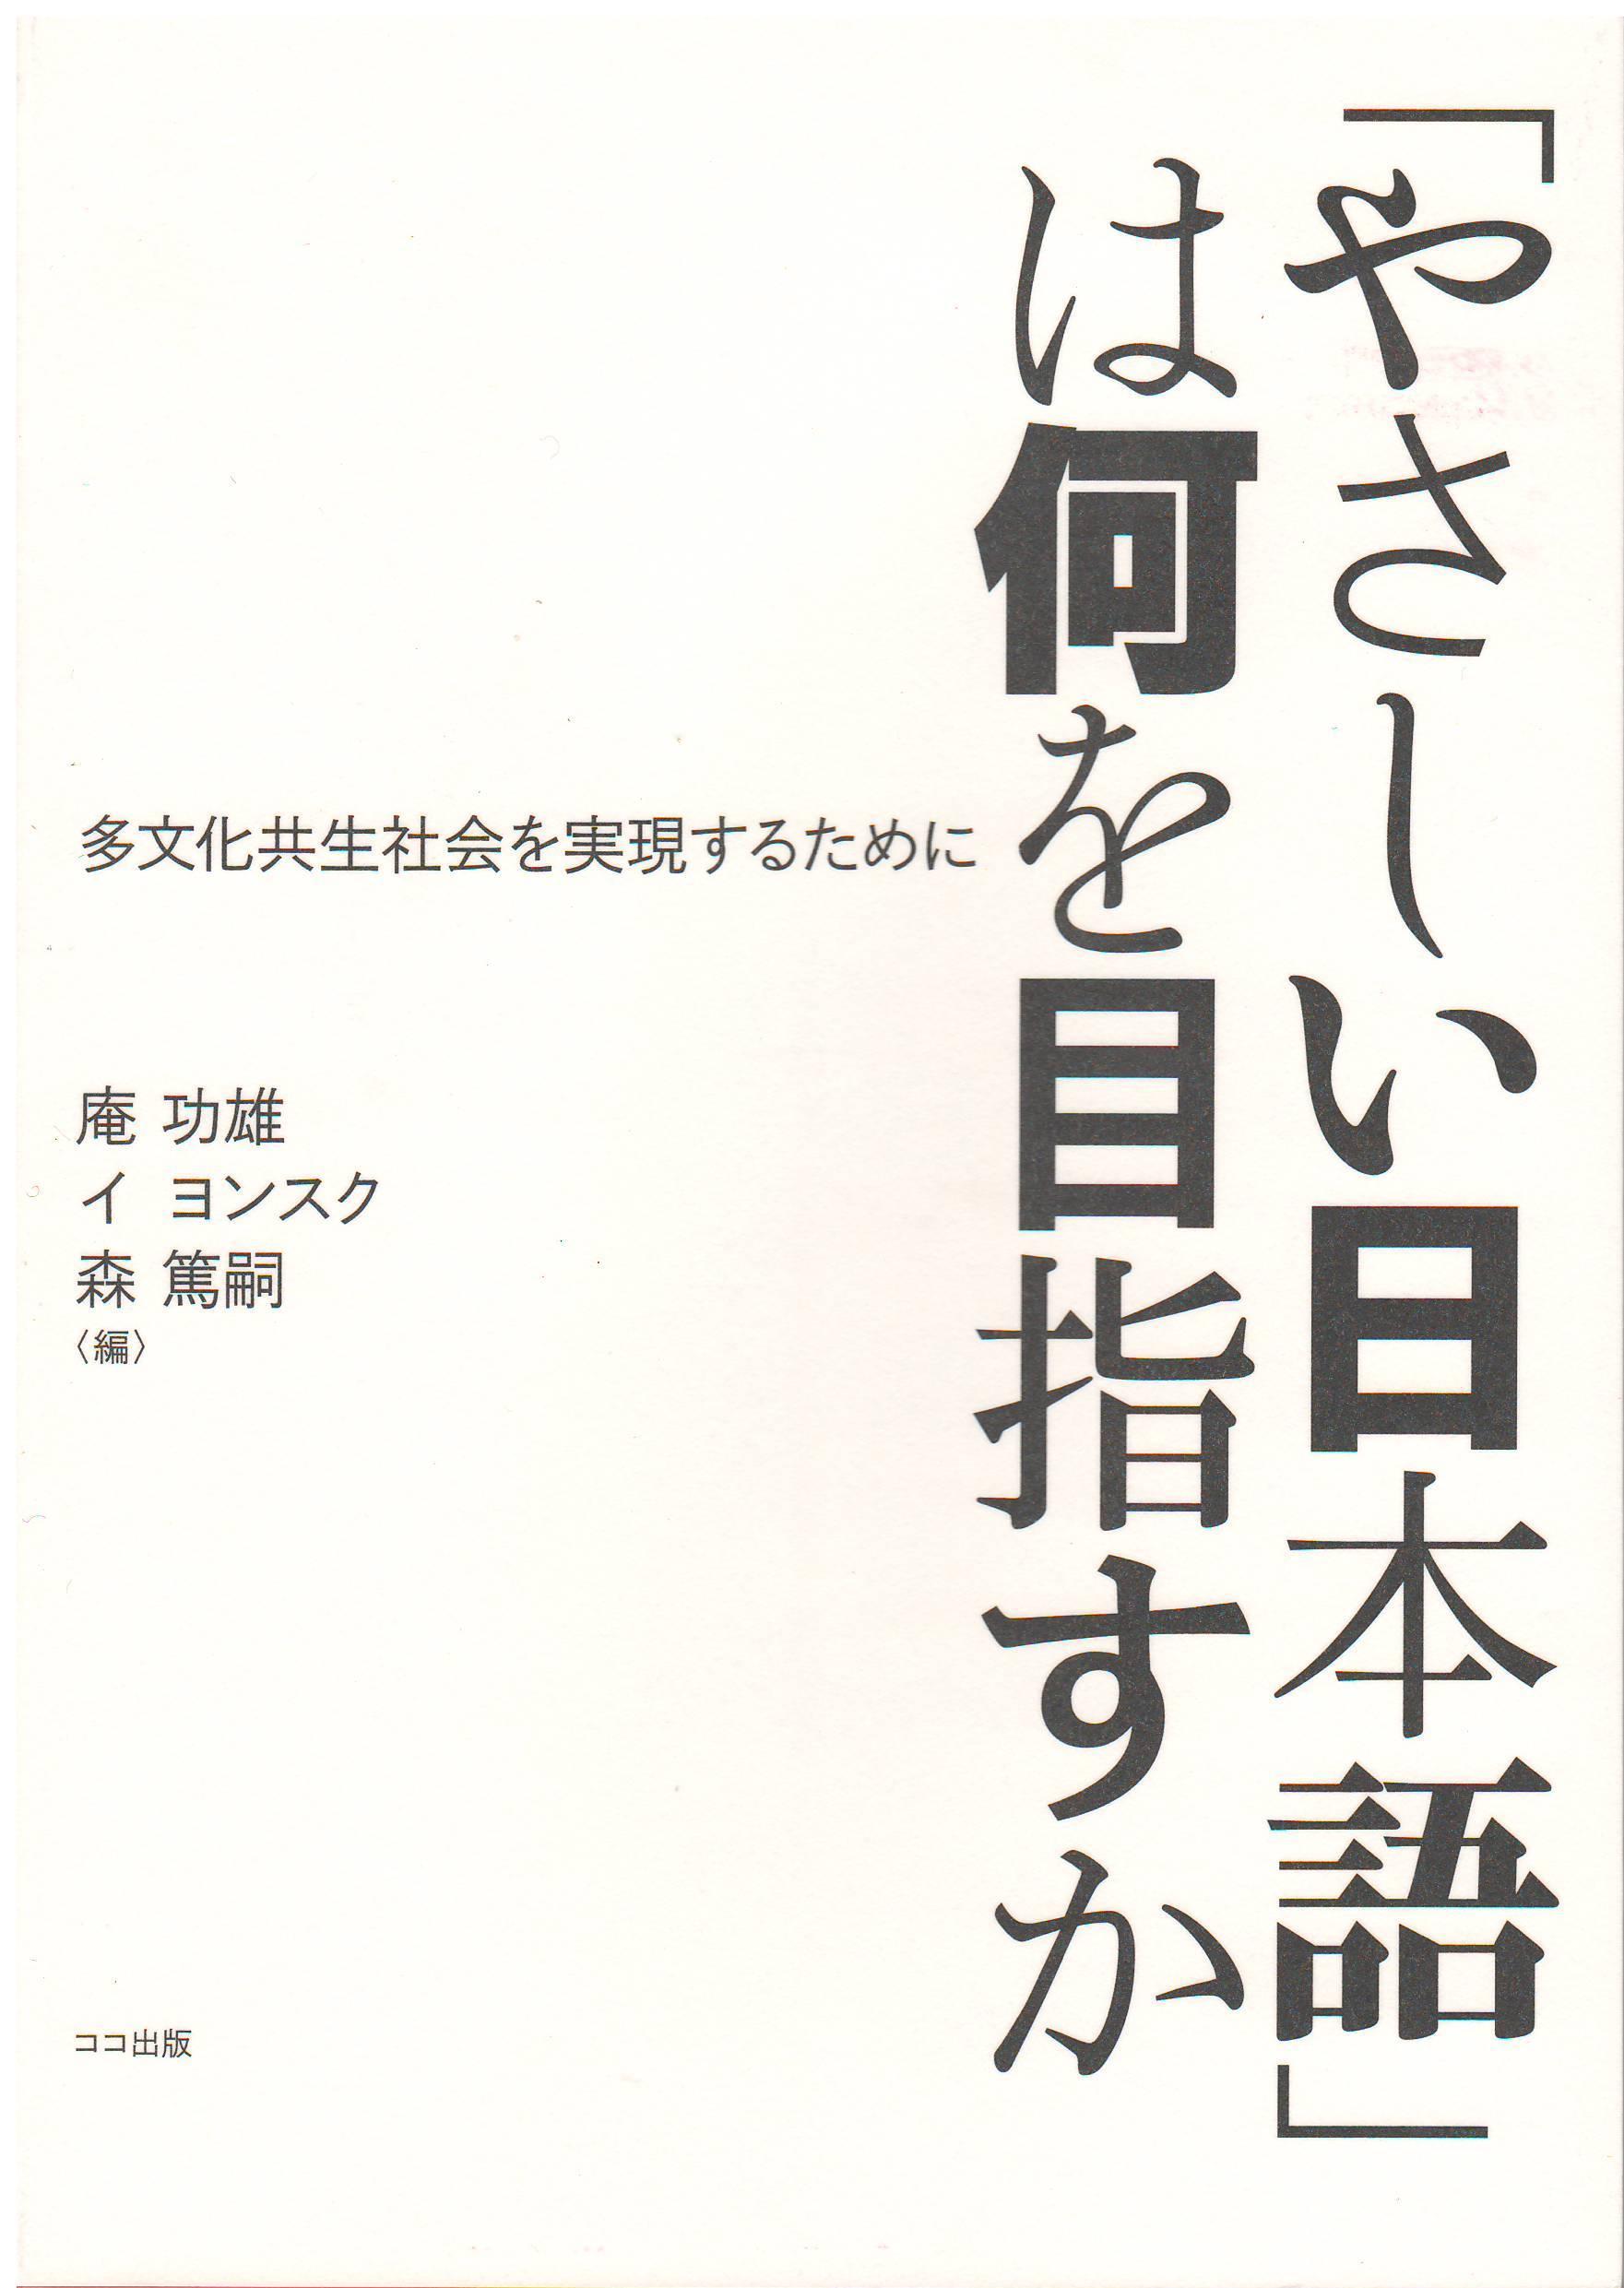 「やさしい日本語」は何を目指すか−多文化共生社会を実現するために画像